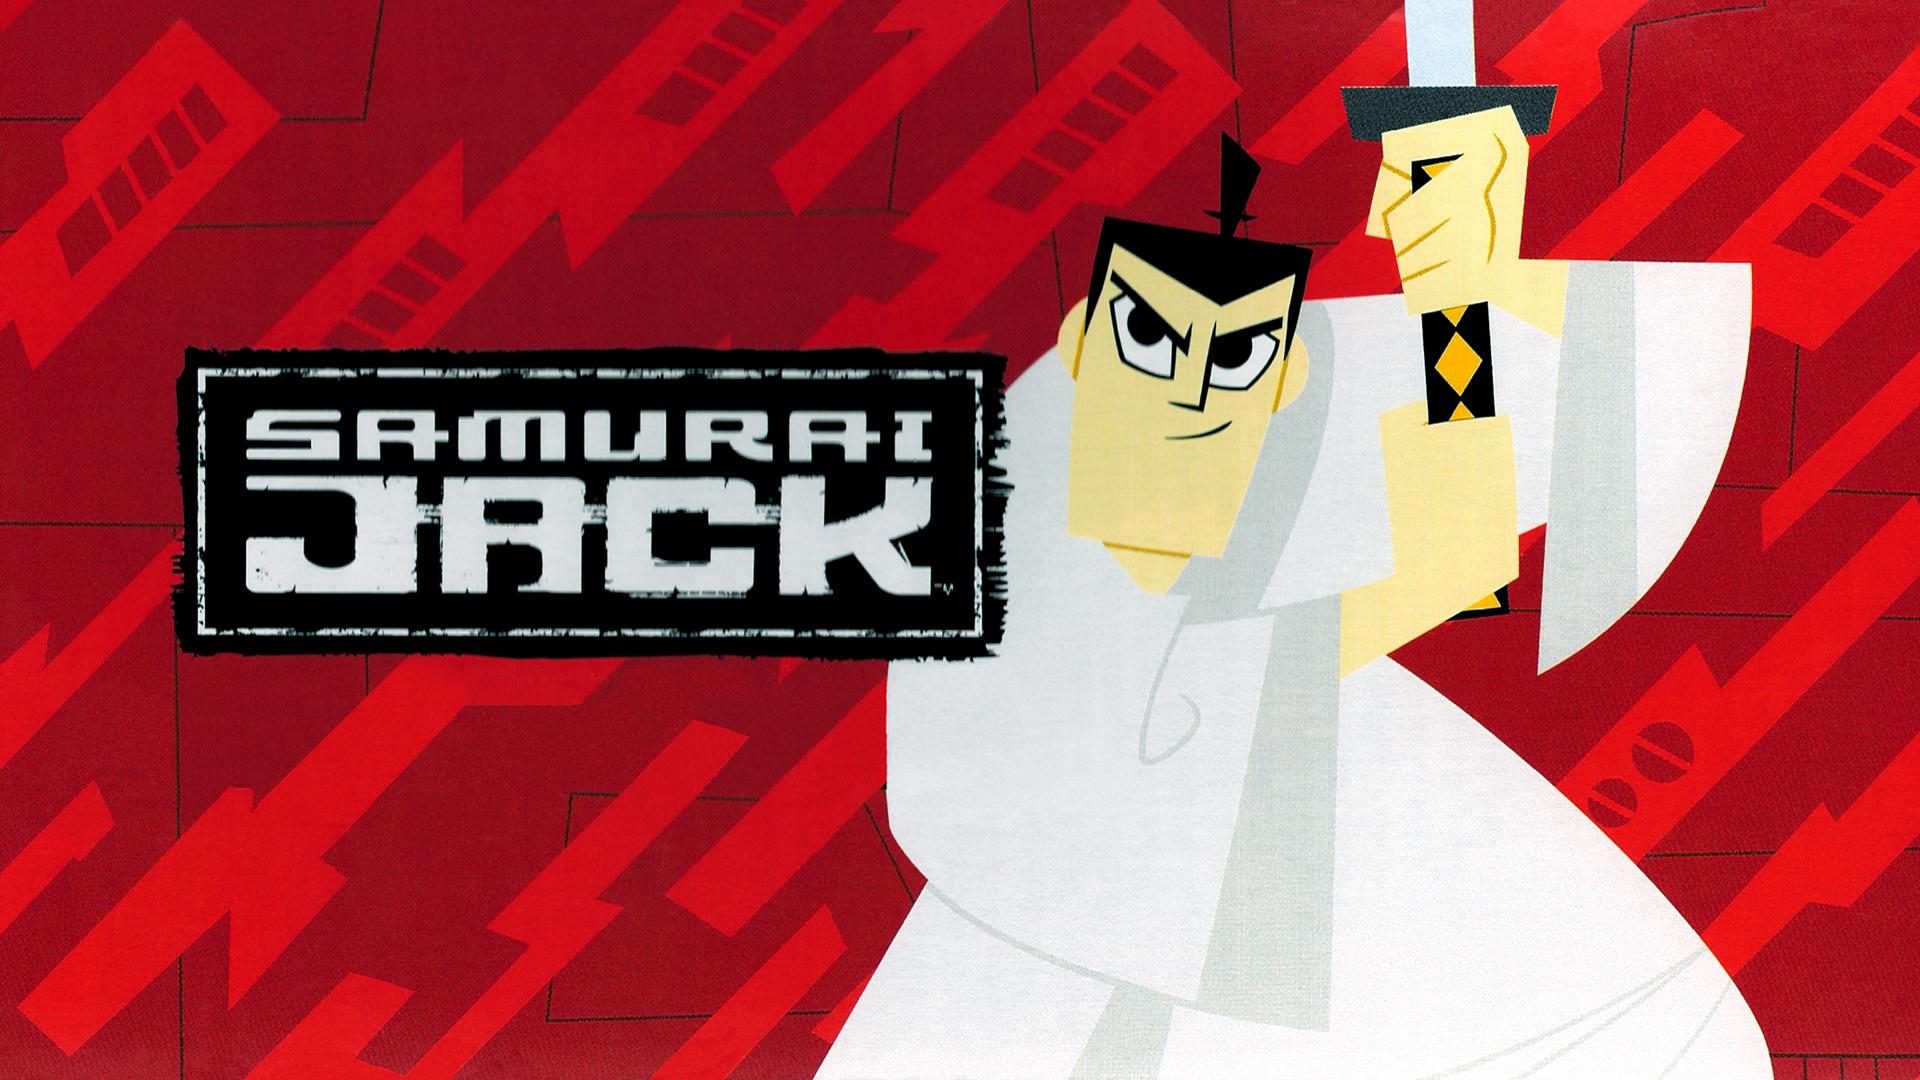 Samurai jack 52/52 Serie animada shared